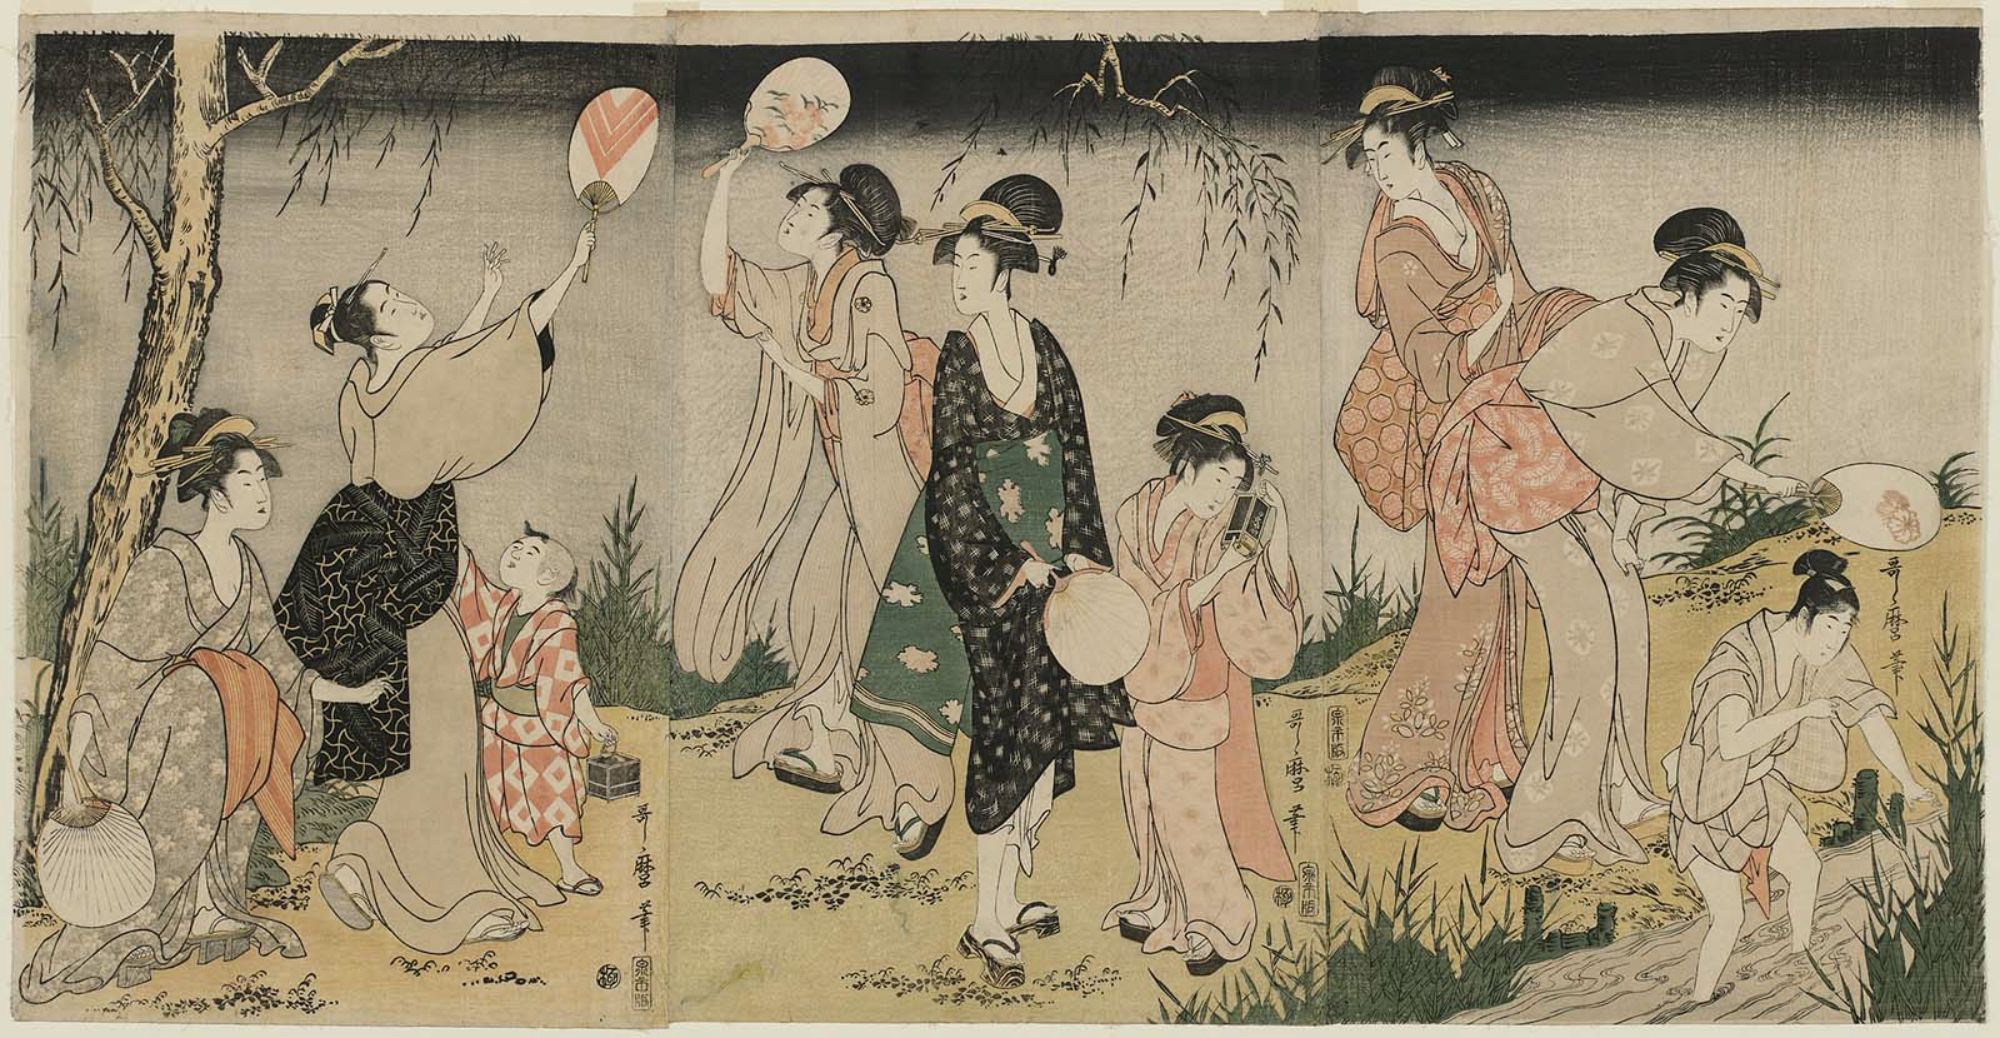 Kitagawa Utamaro (1753-1805)